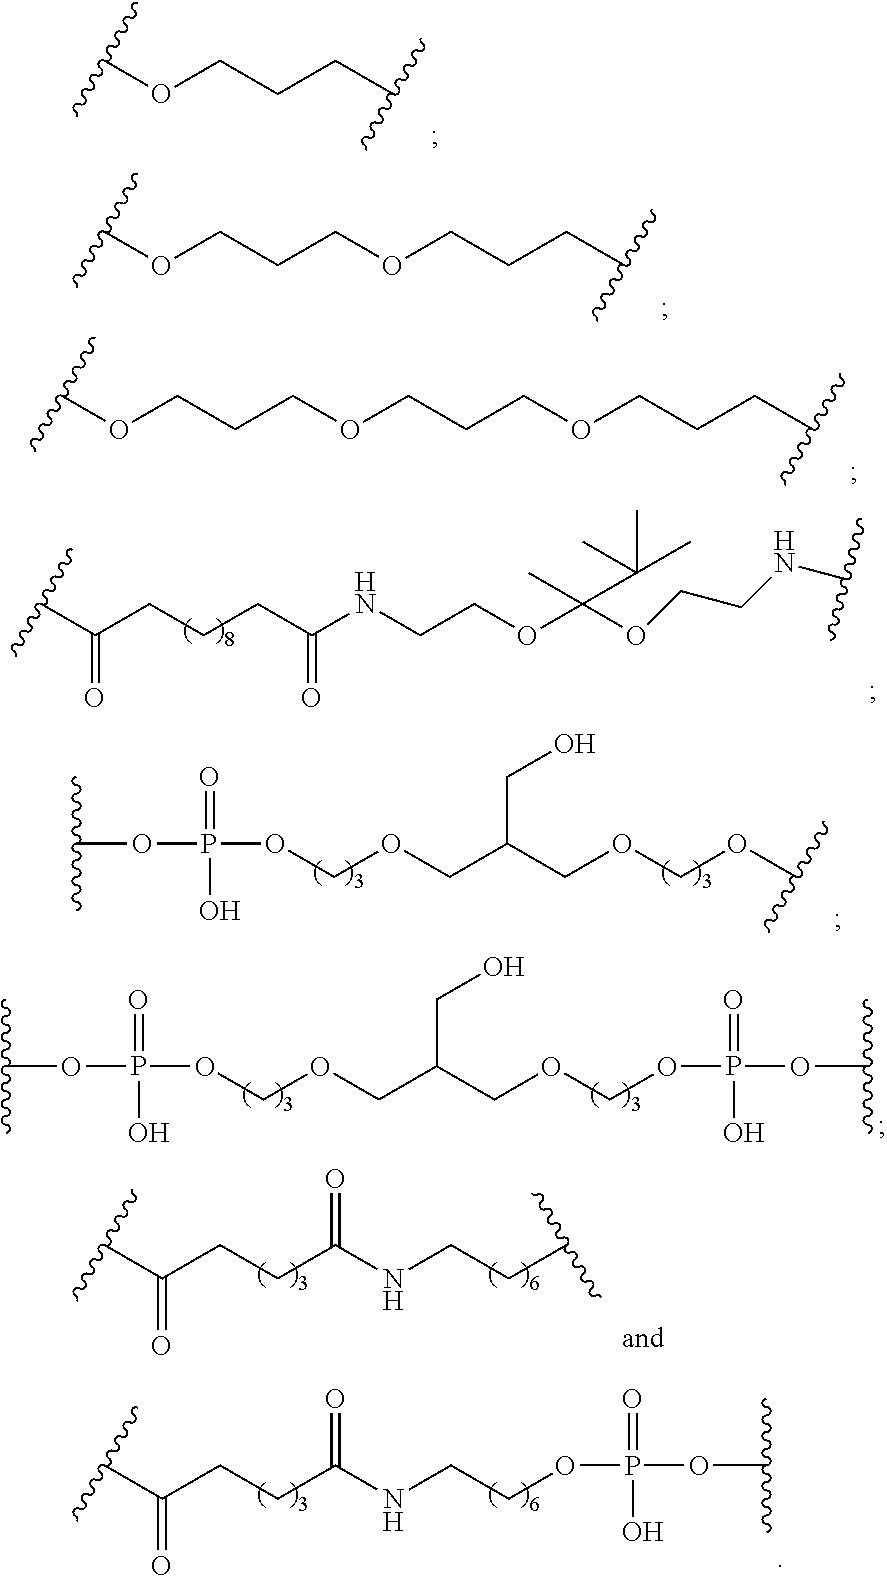 Figure US09994855-20180612-C00058